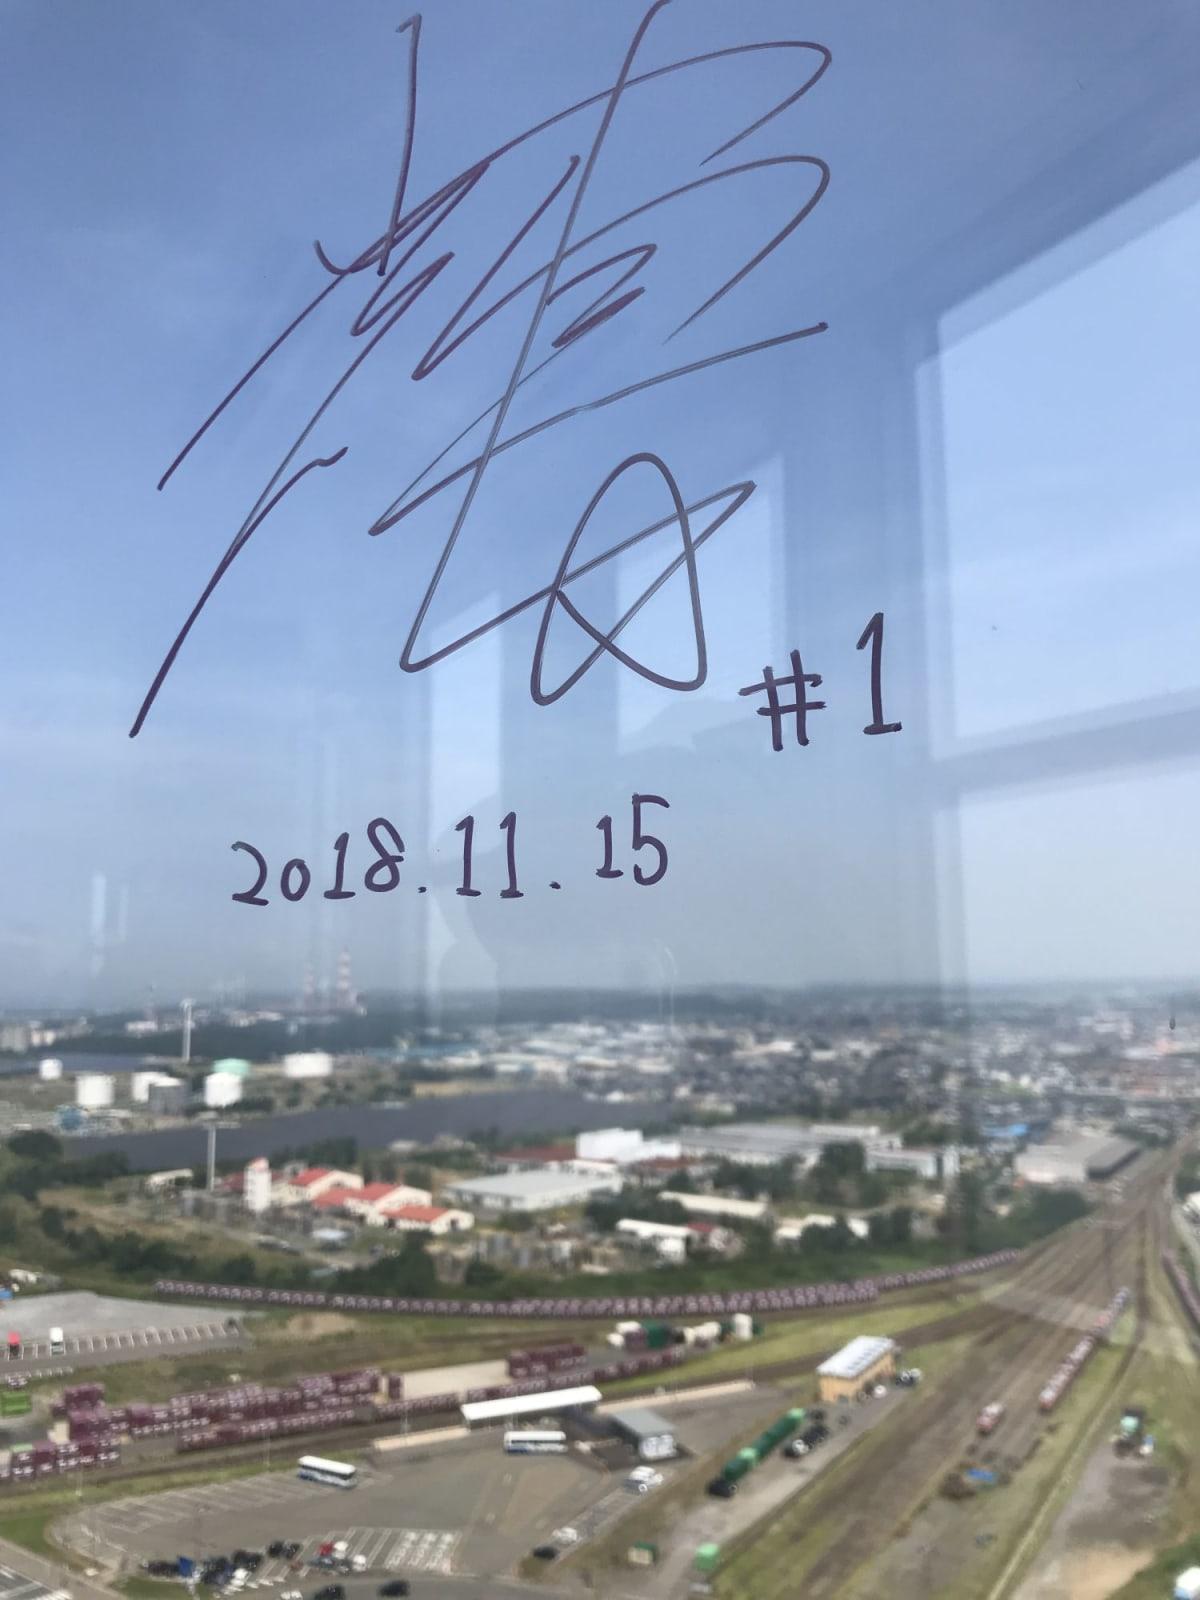 吉田輝星君のサイン。セリオンタワー3階です。